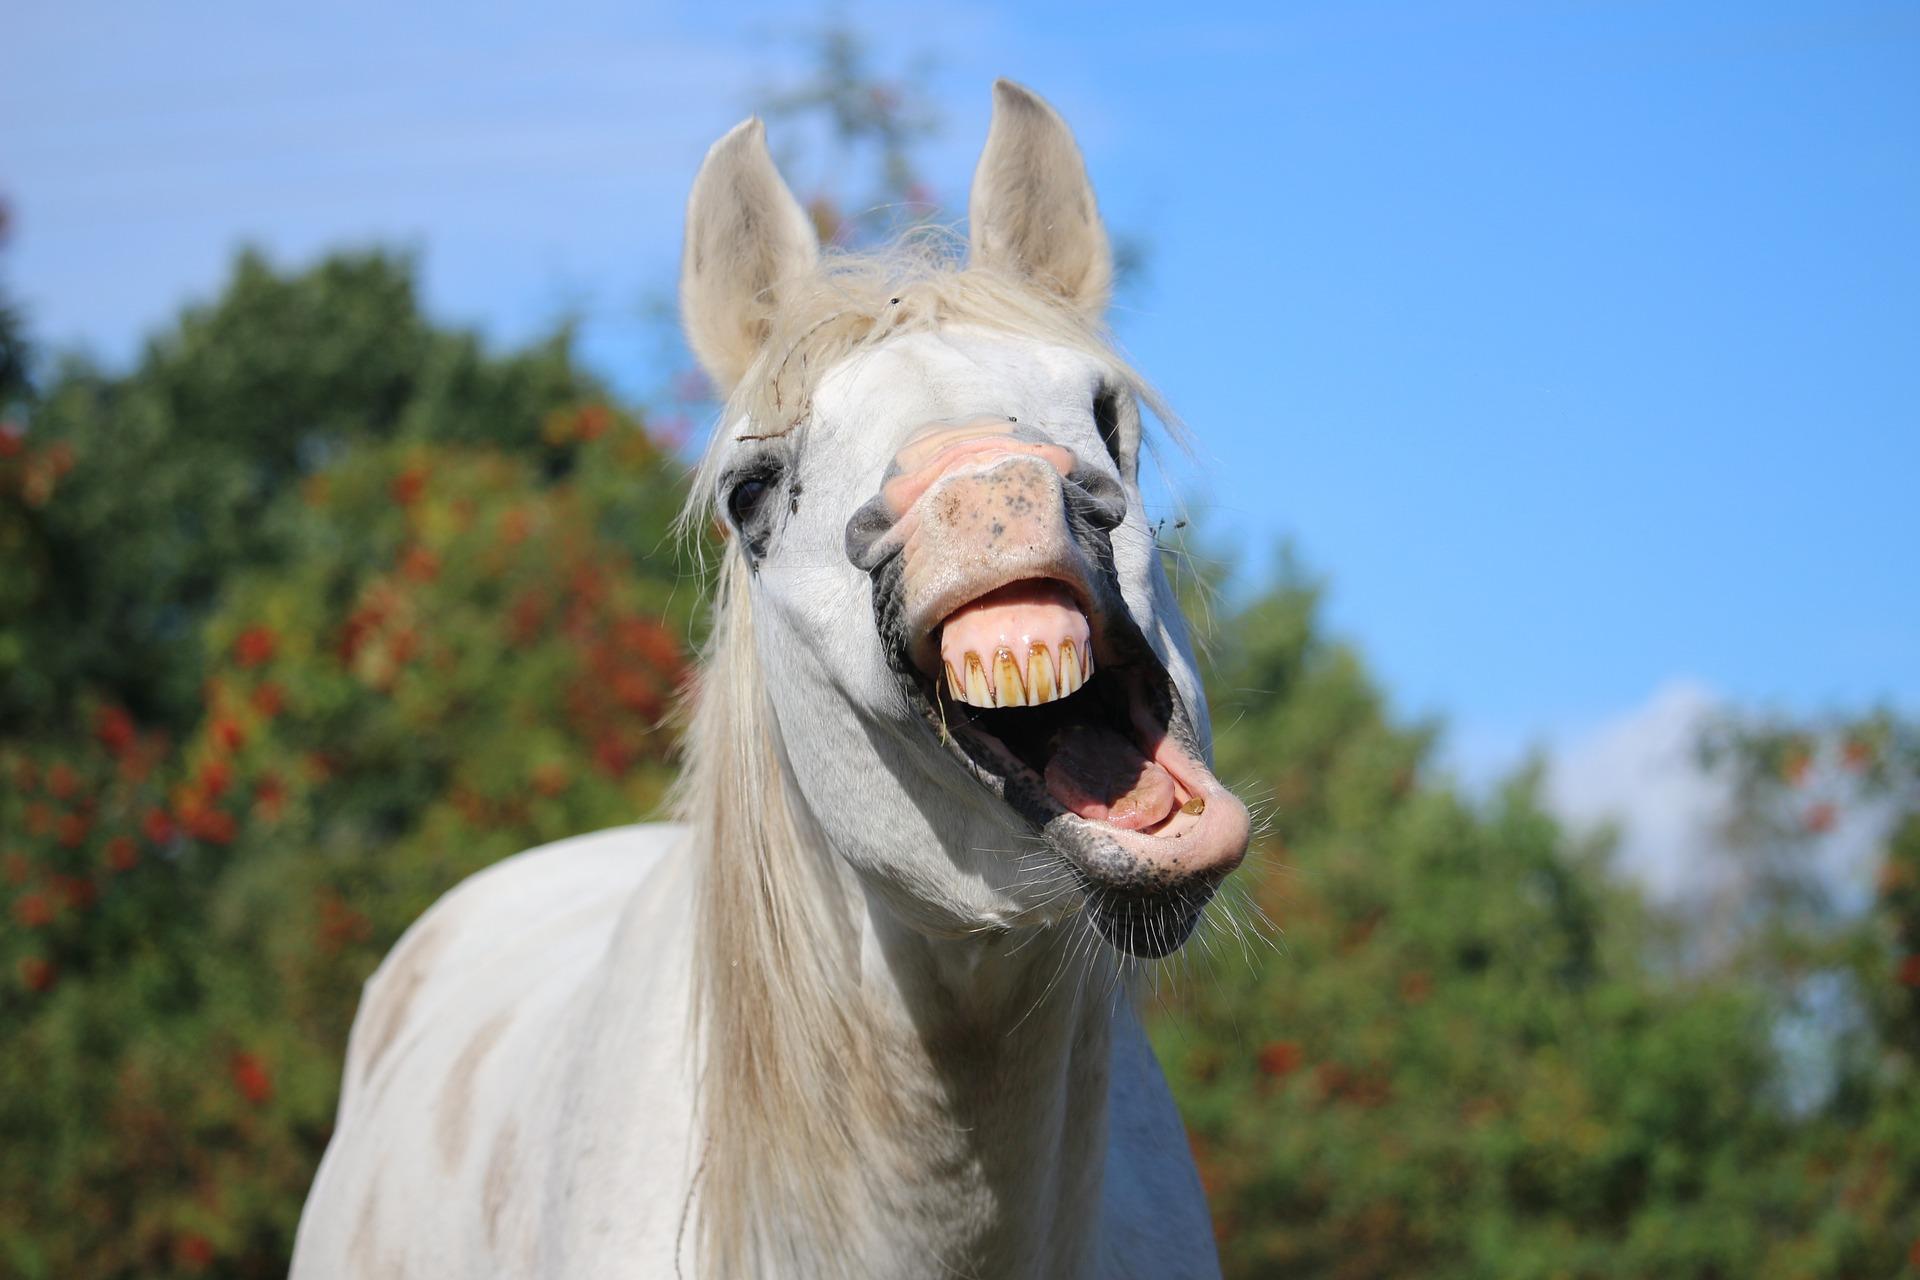 Est-ce-que votre cheval a une nature expressive ?